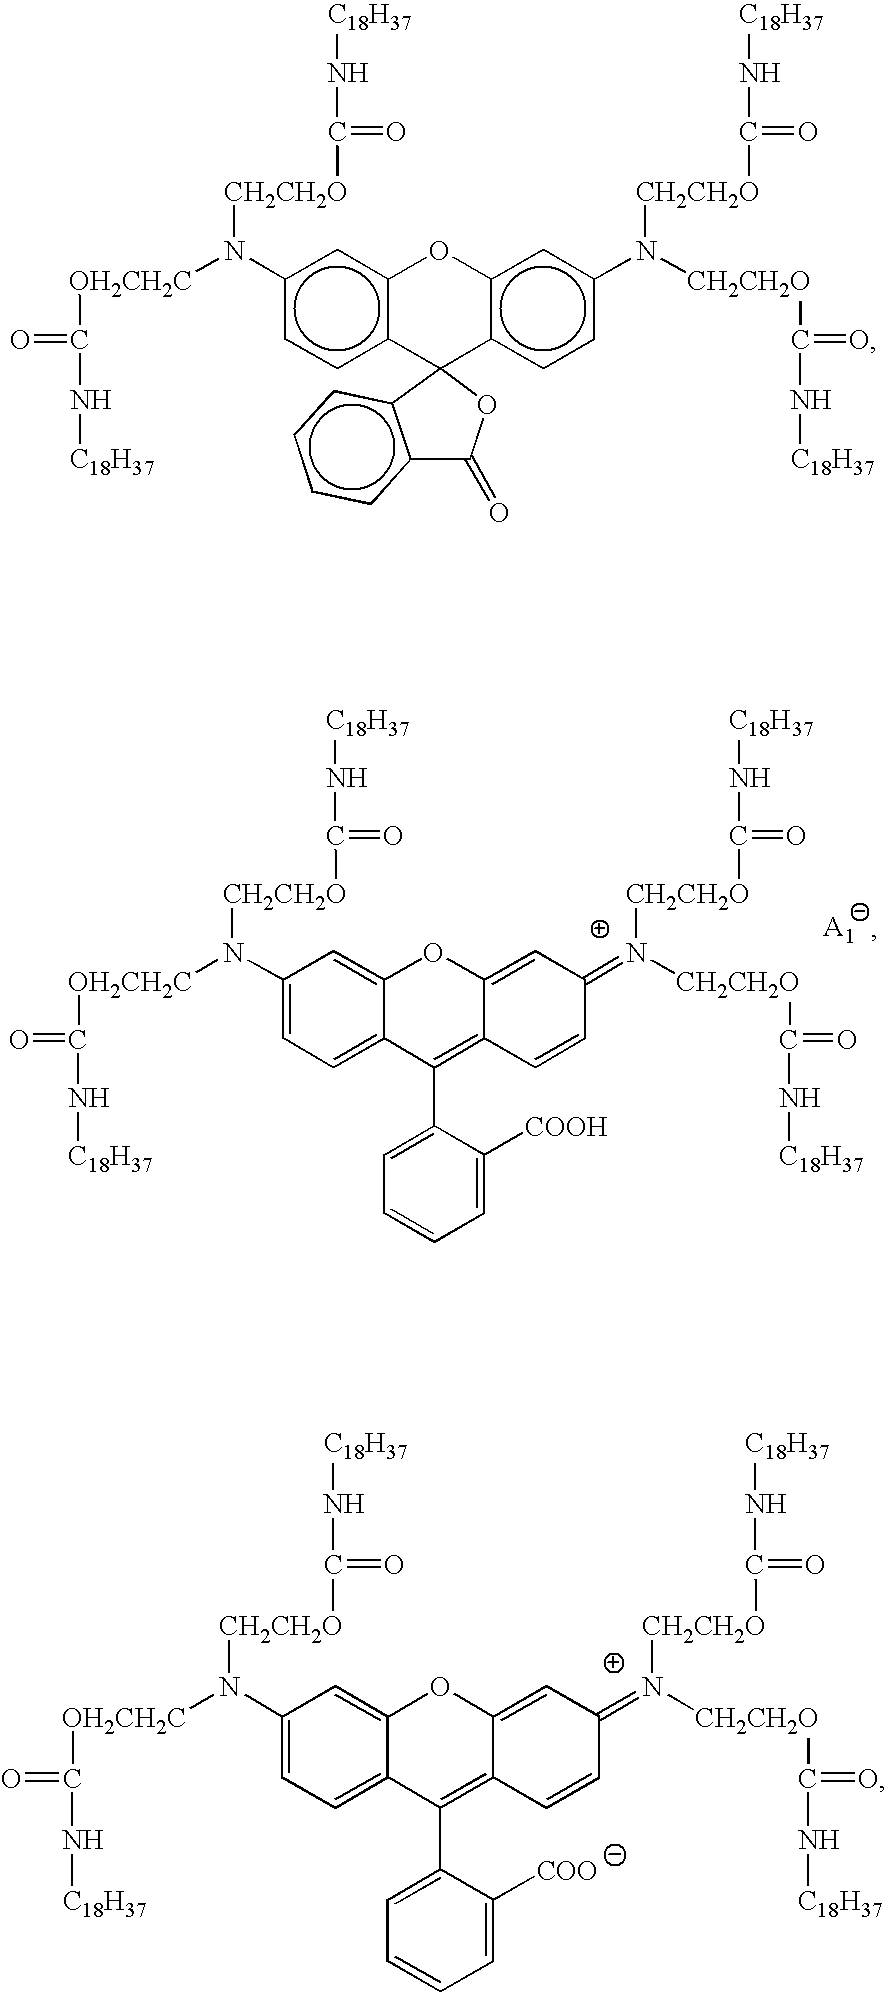 Figure US07311767-20071225-C00222